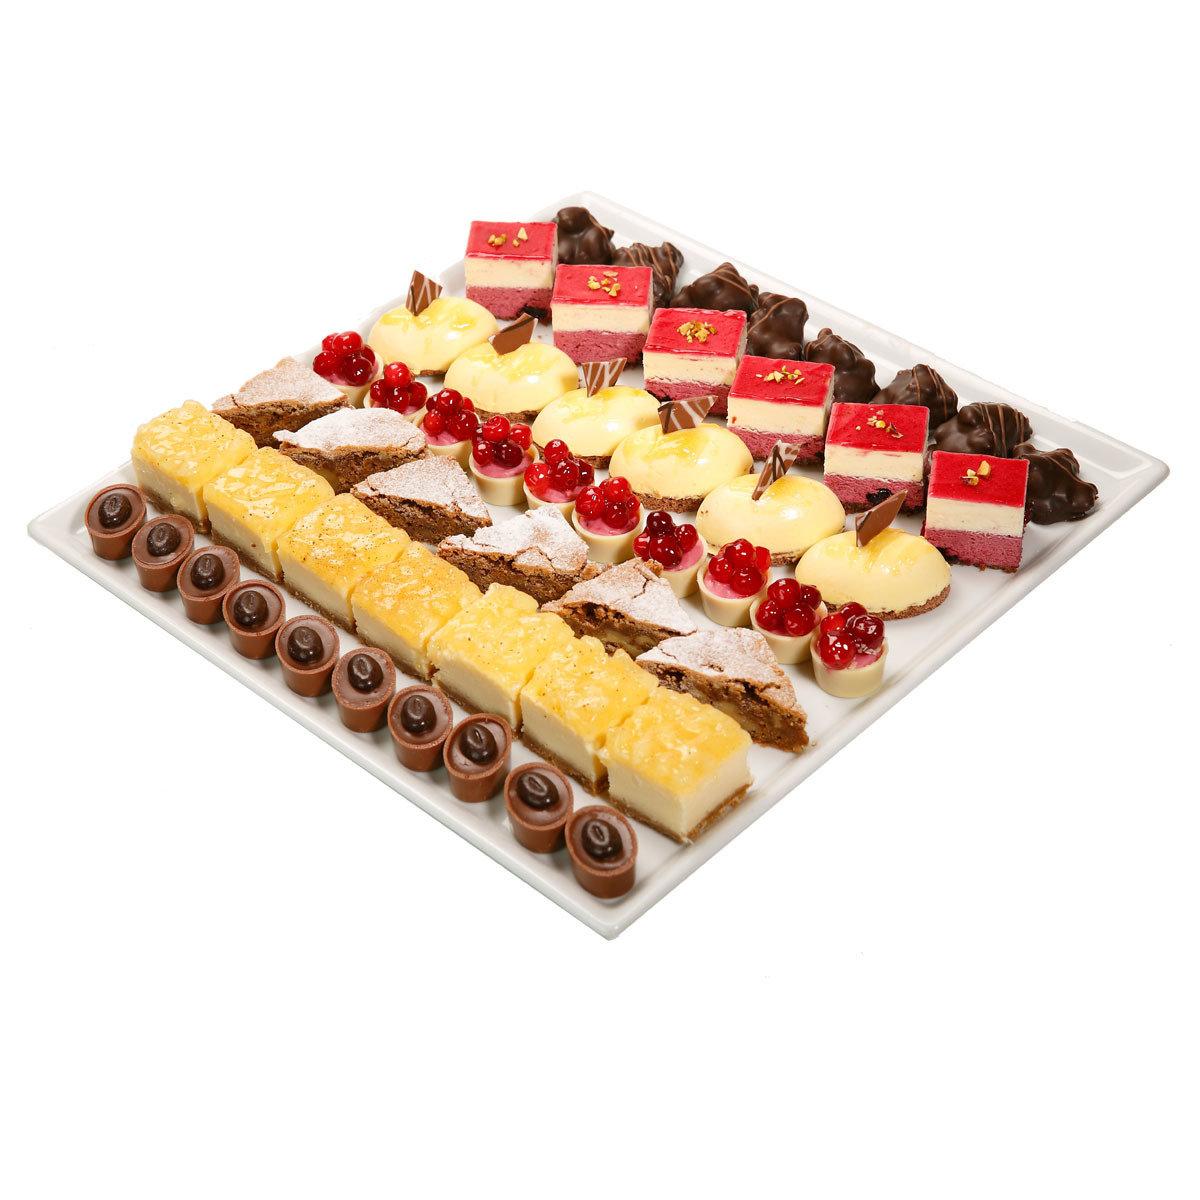 Jälkiruokavalikoima (15 kpl) bakery138